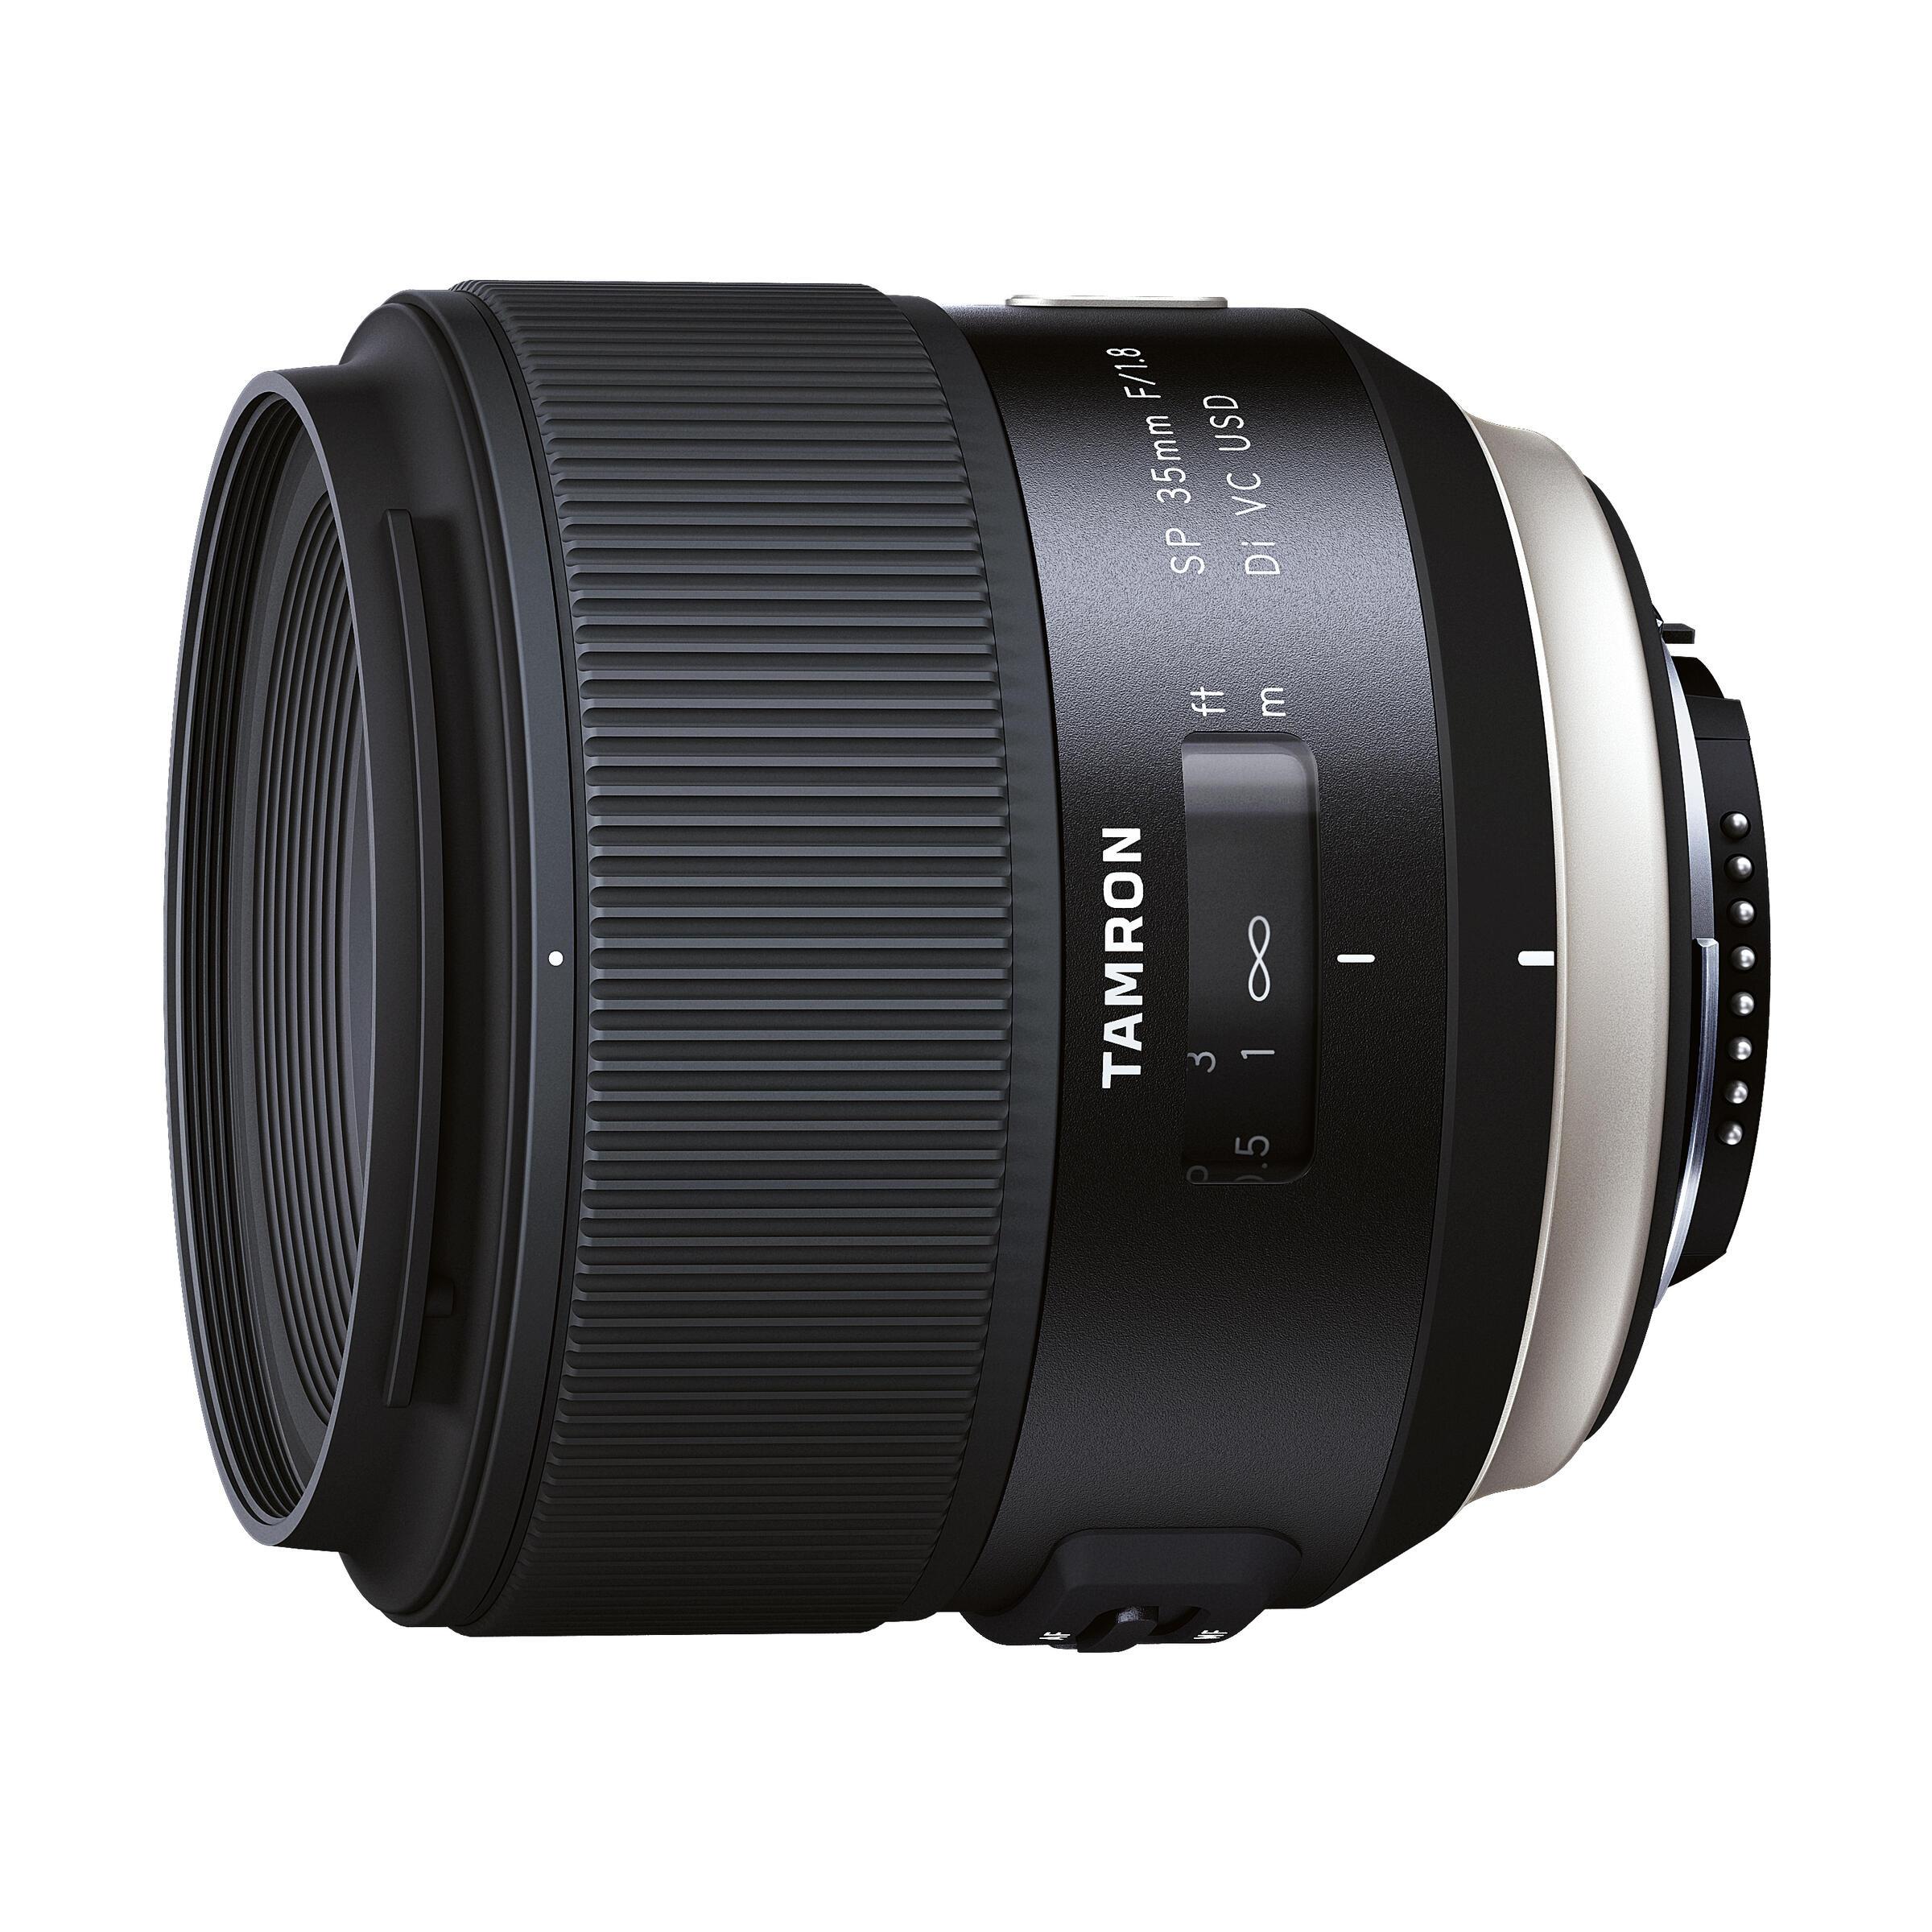 Tamron SP 35mm f/1,8 Di VC USD für Nikon AF